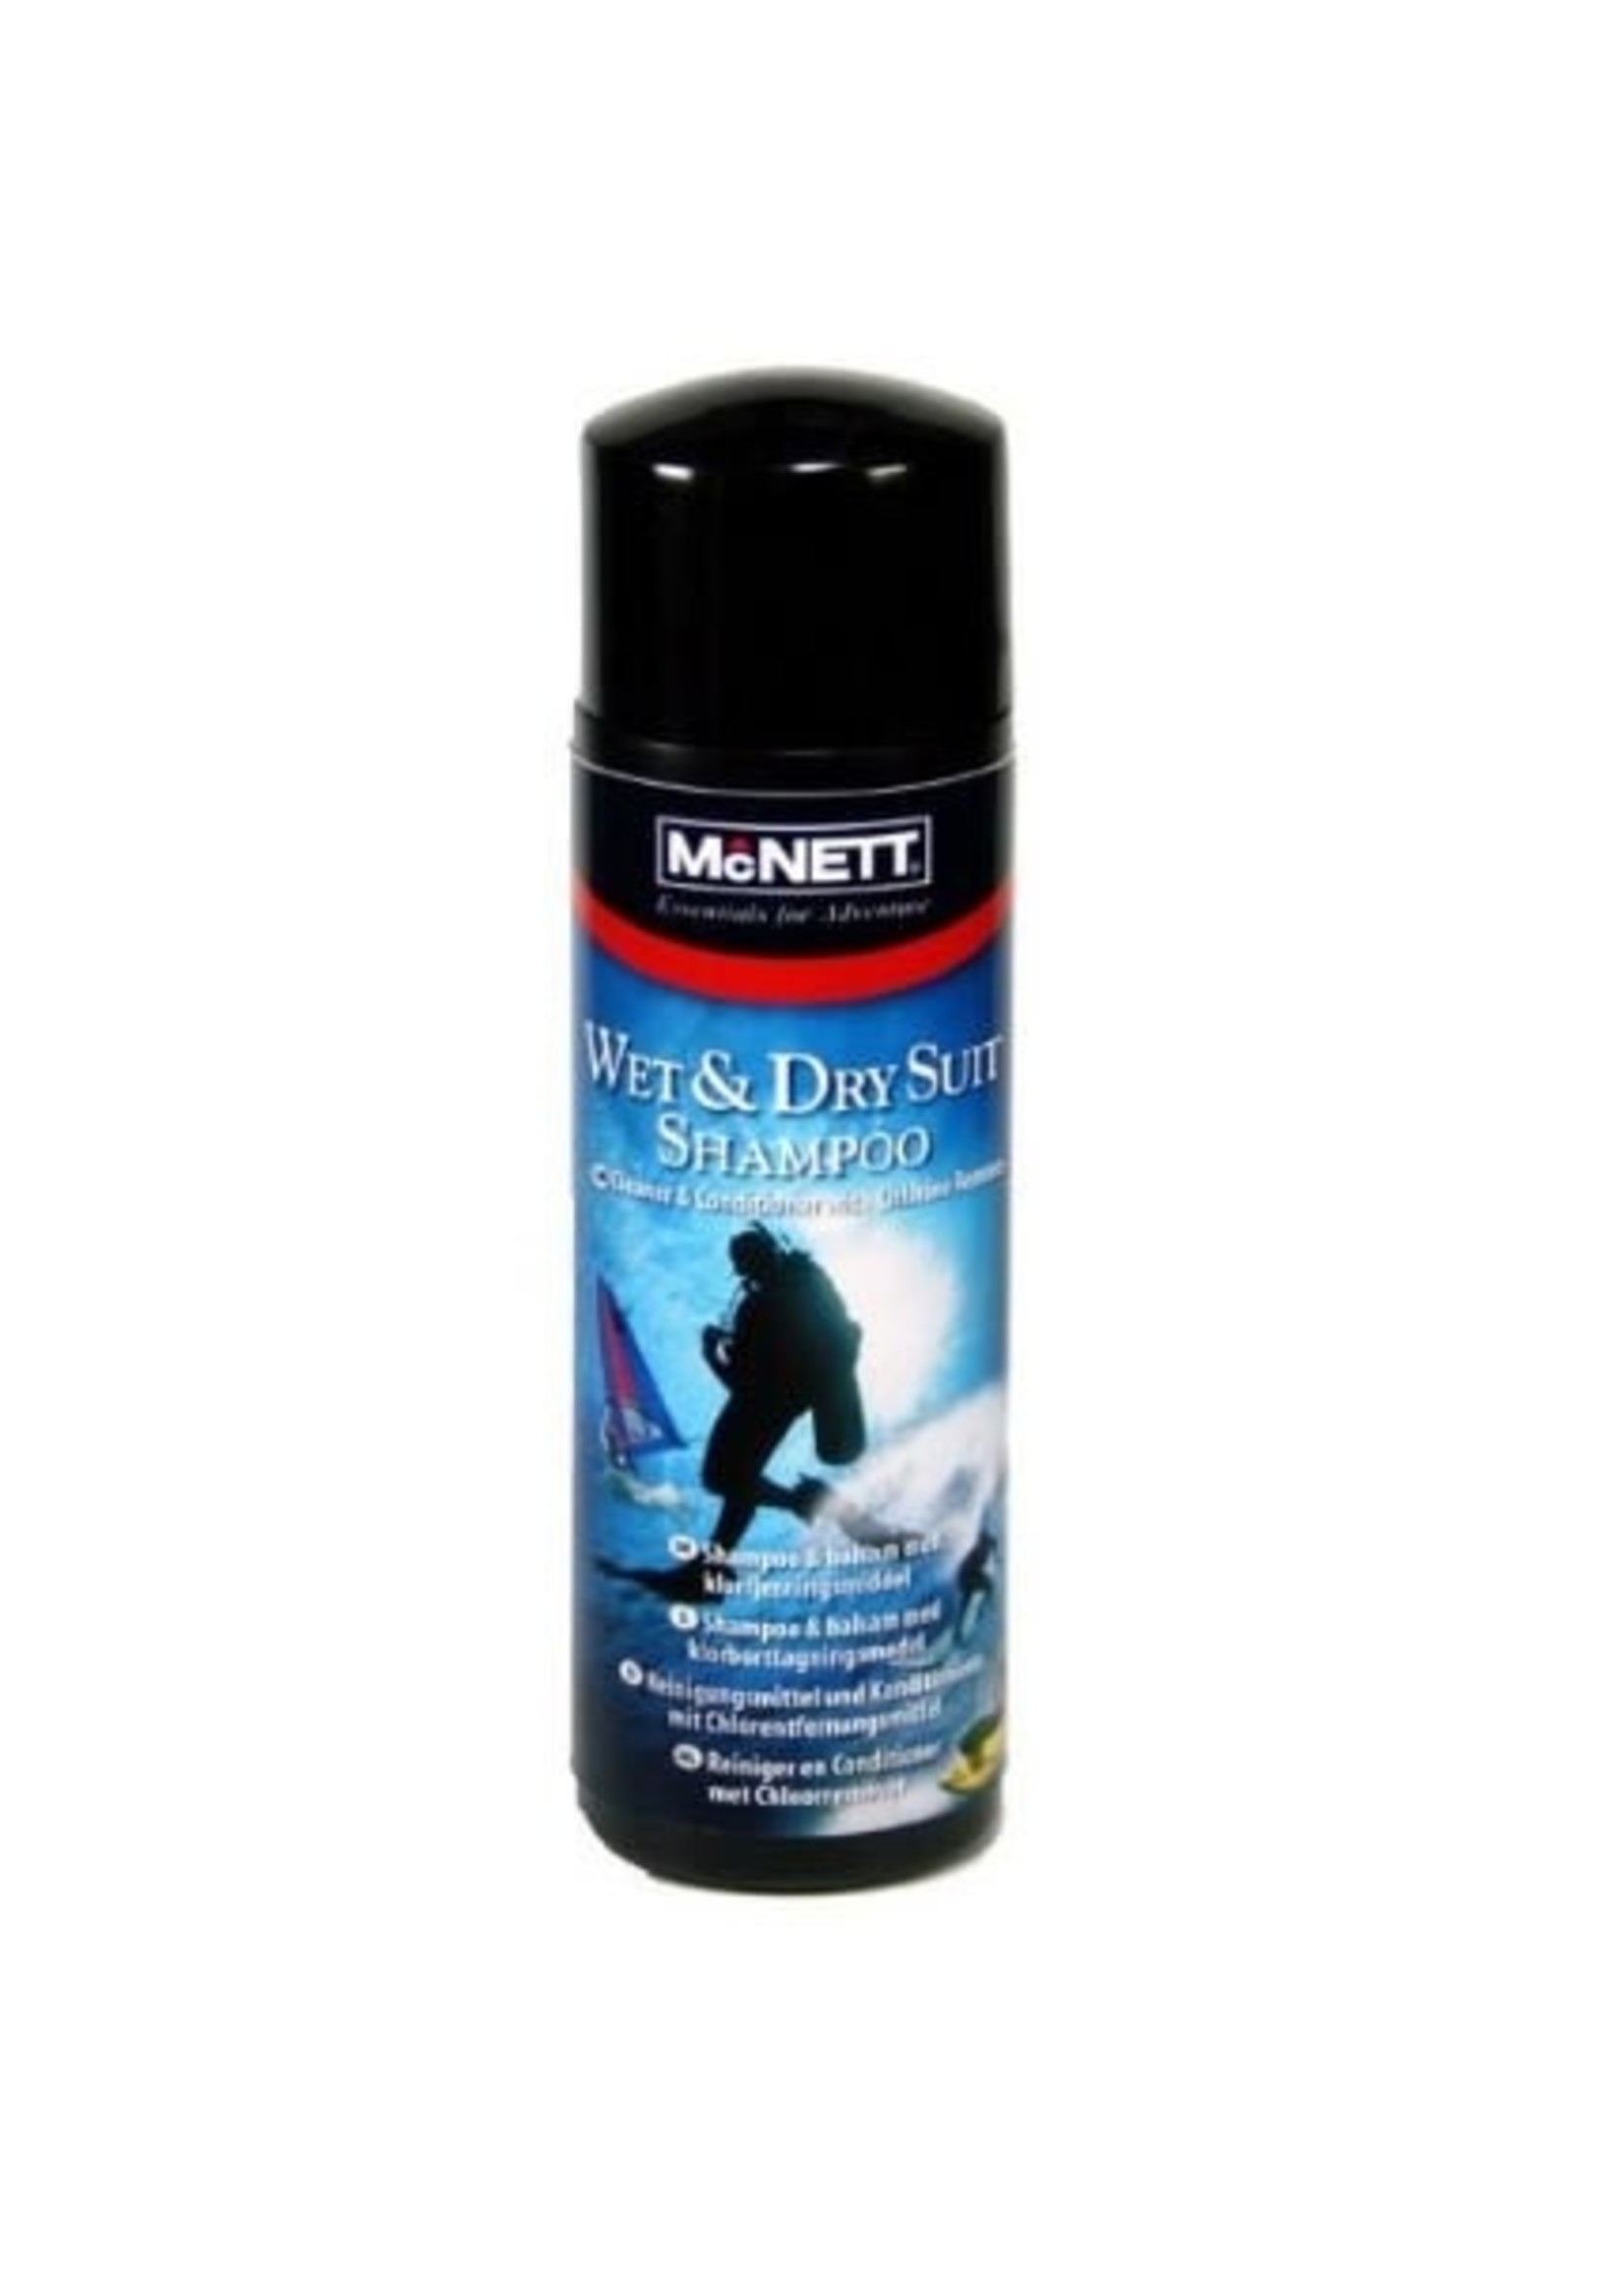 McNett-GearAid McNett-GearAid Wet&Dry Shampoo 250ml